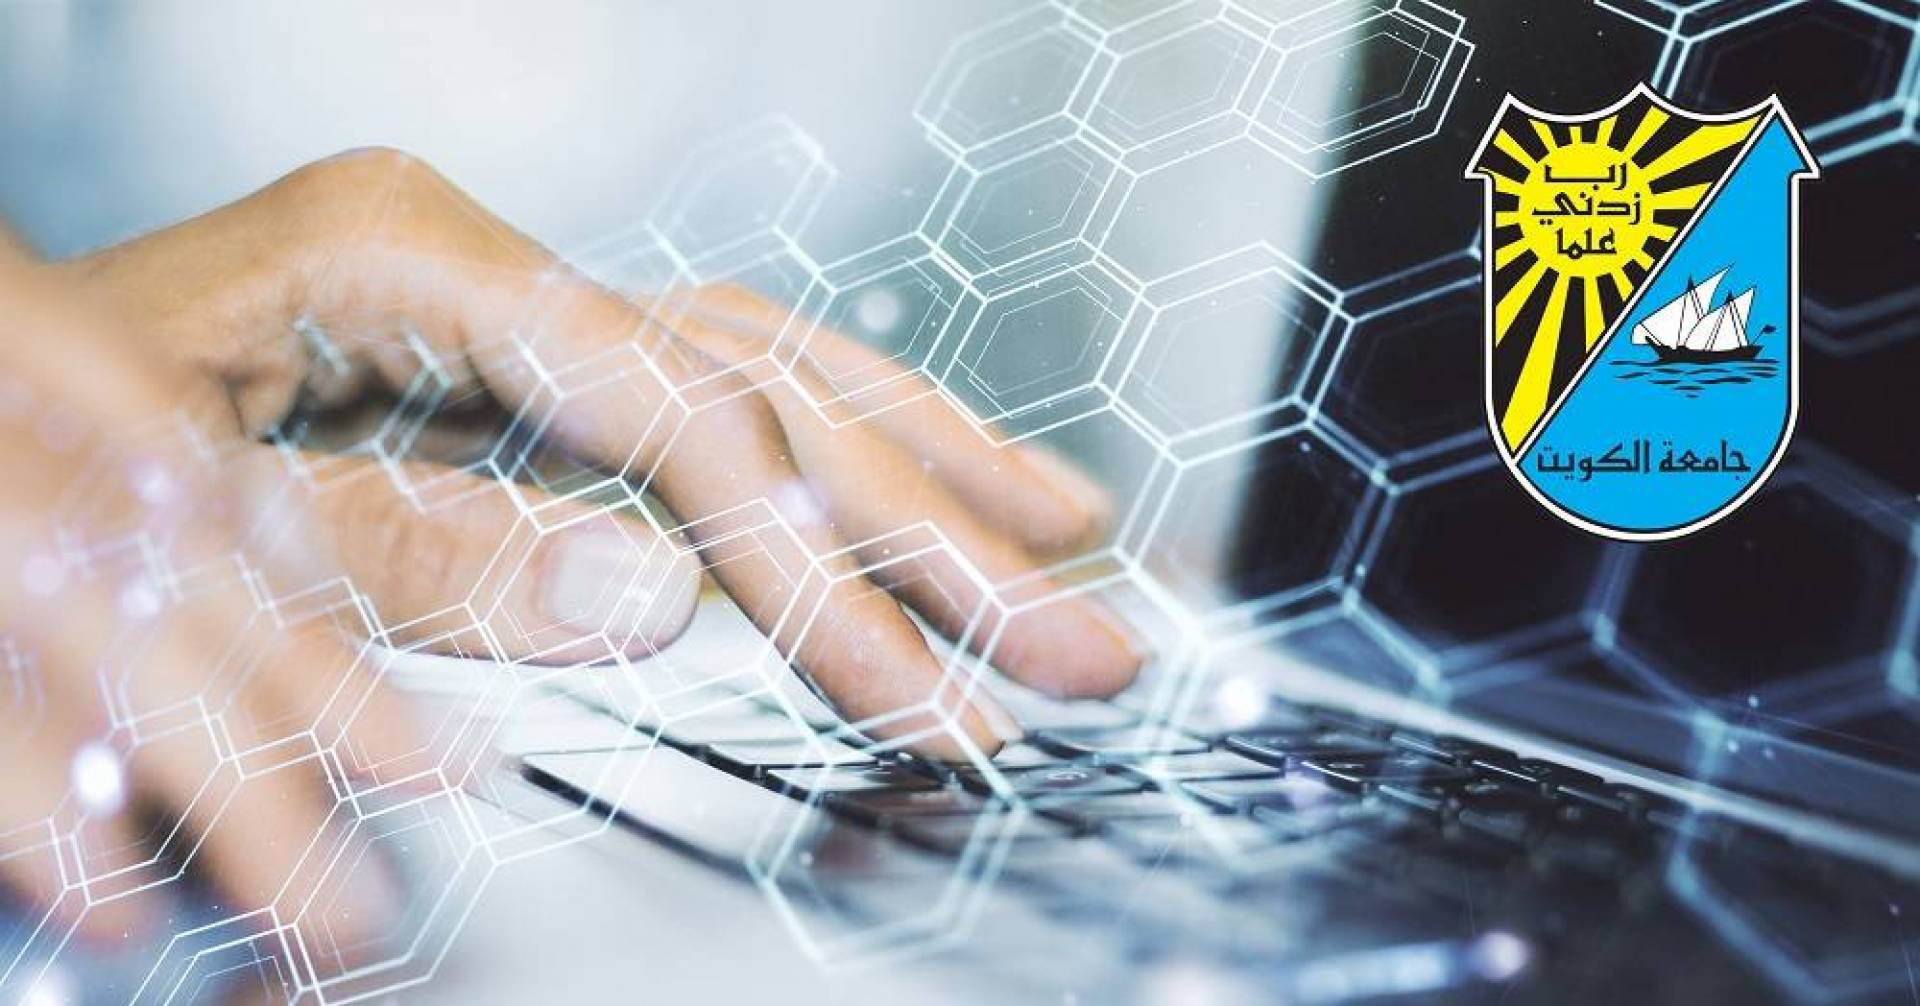 جامعة الكويت: استخدام تقنيات الذكاء الاصطناعي لمراقبة الاختبارات عن بعد